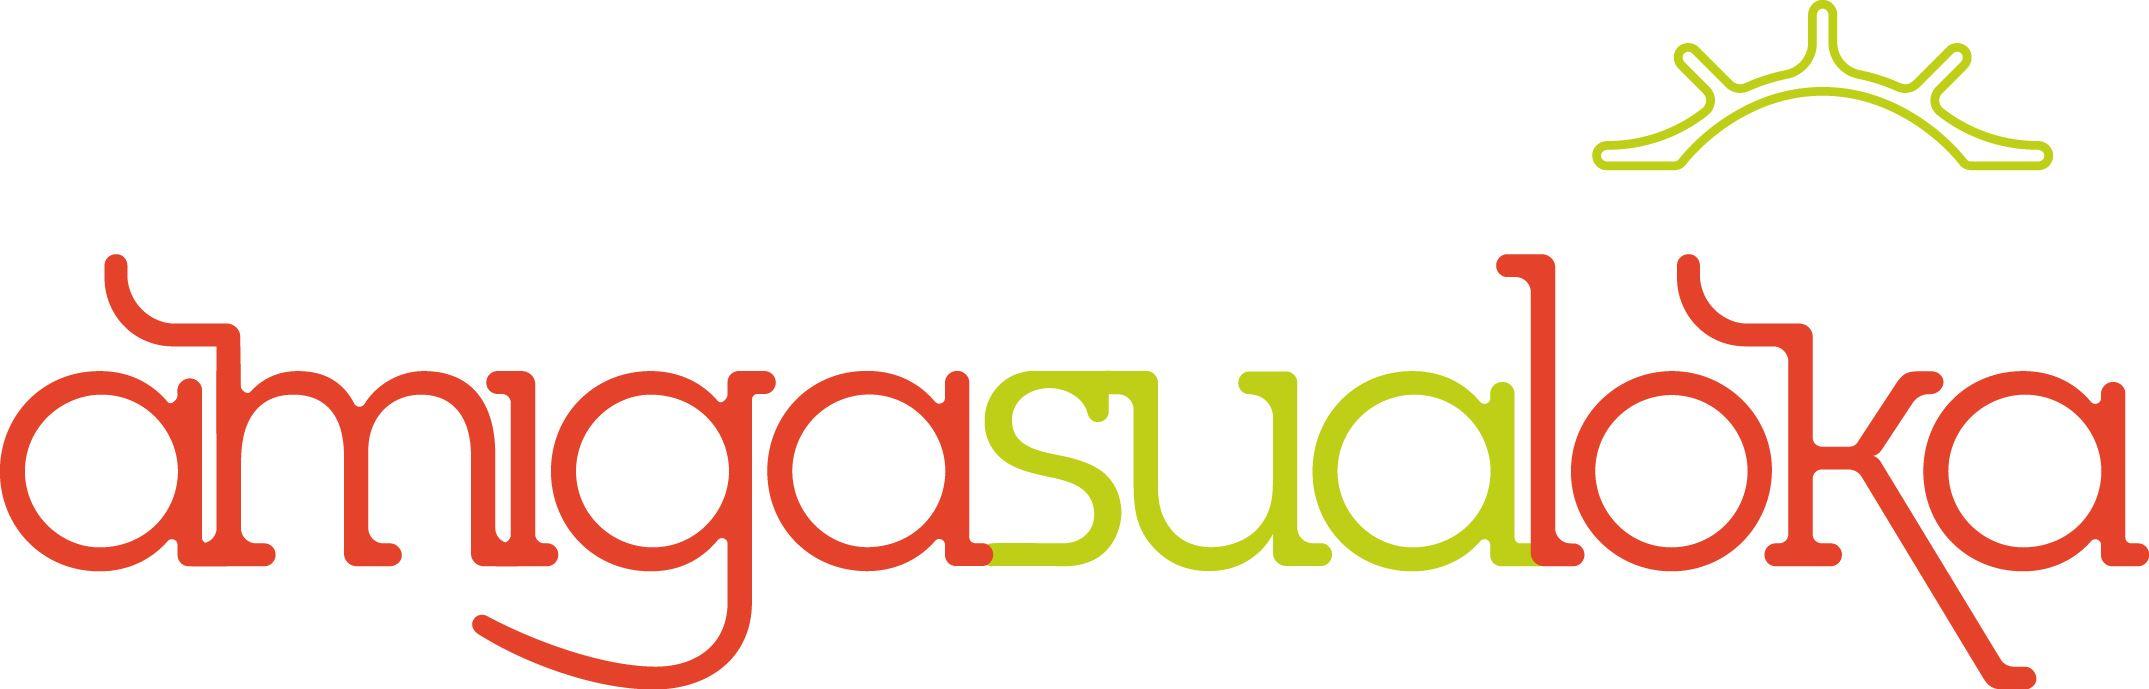 Logotipo - Amigasualoka